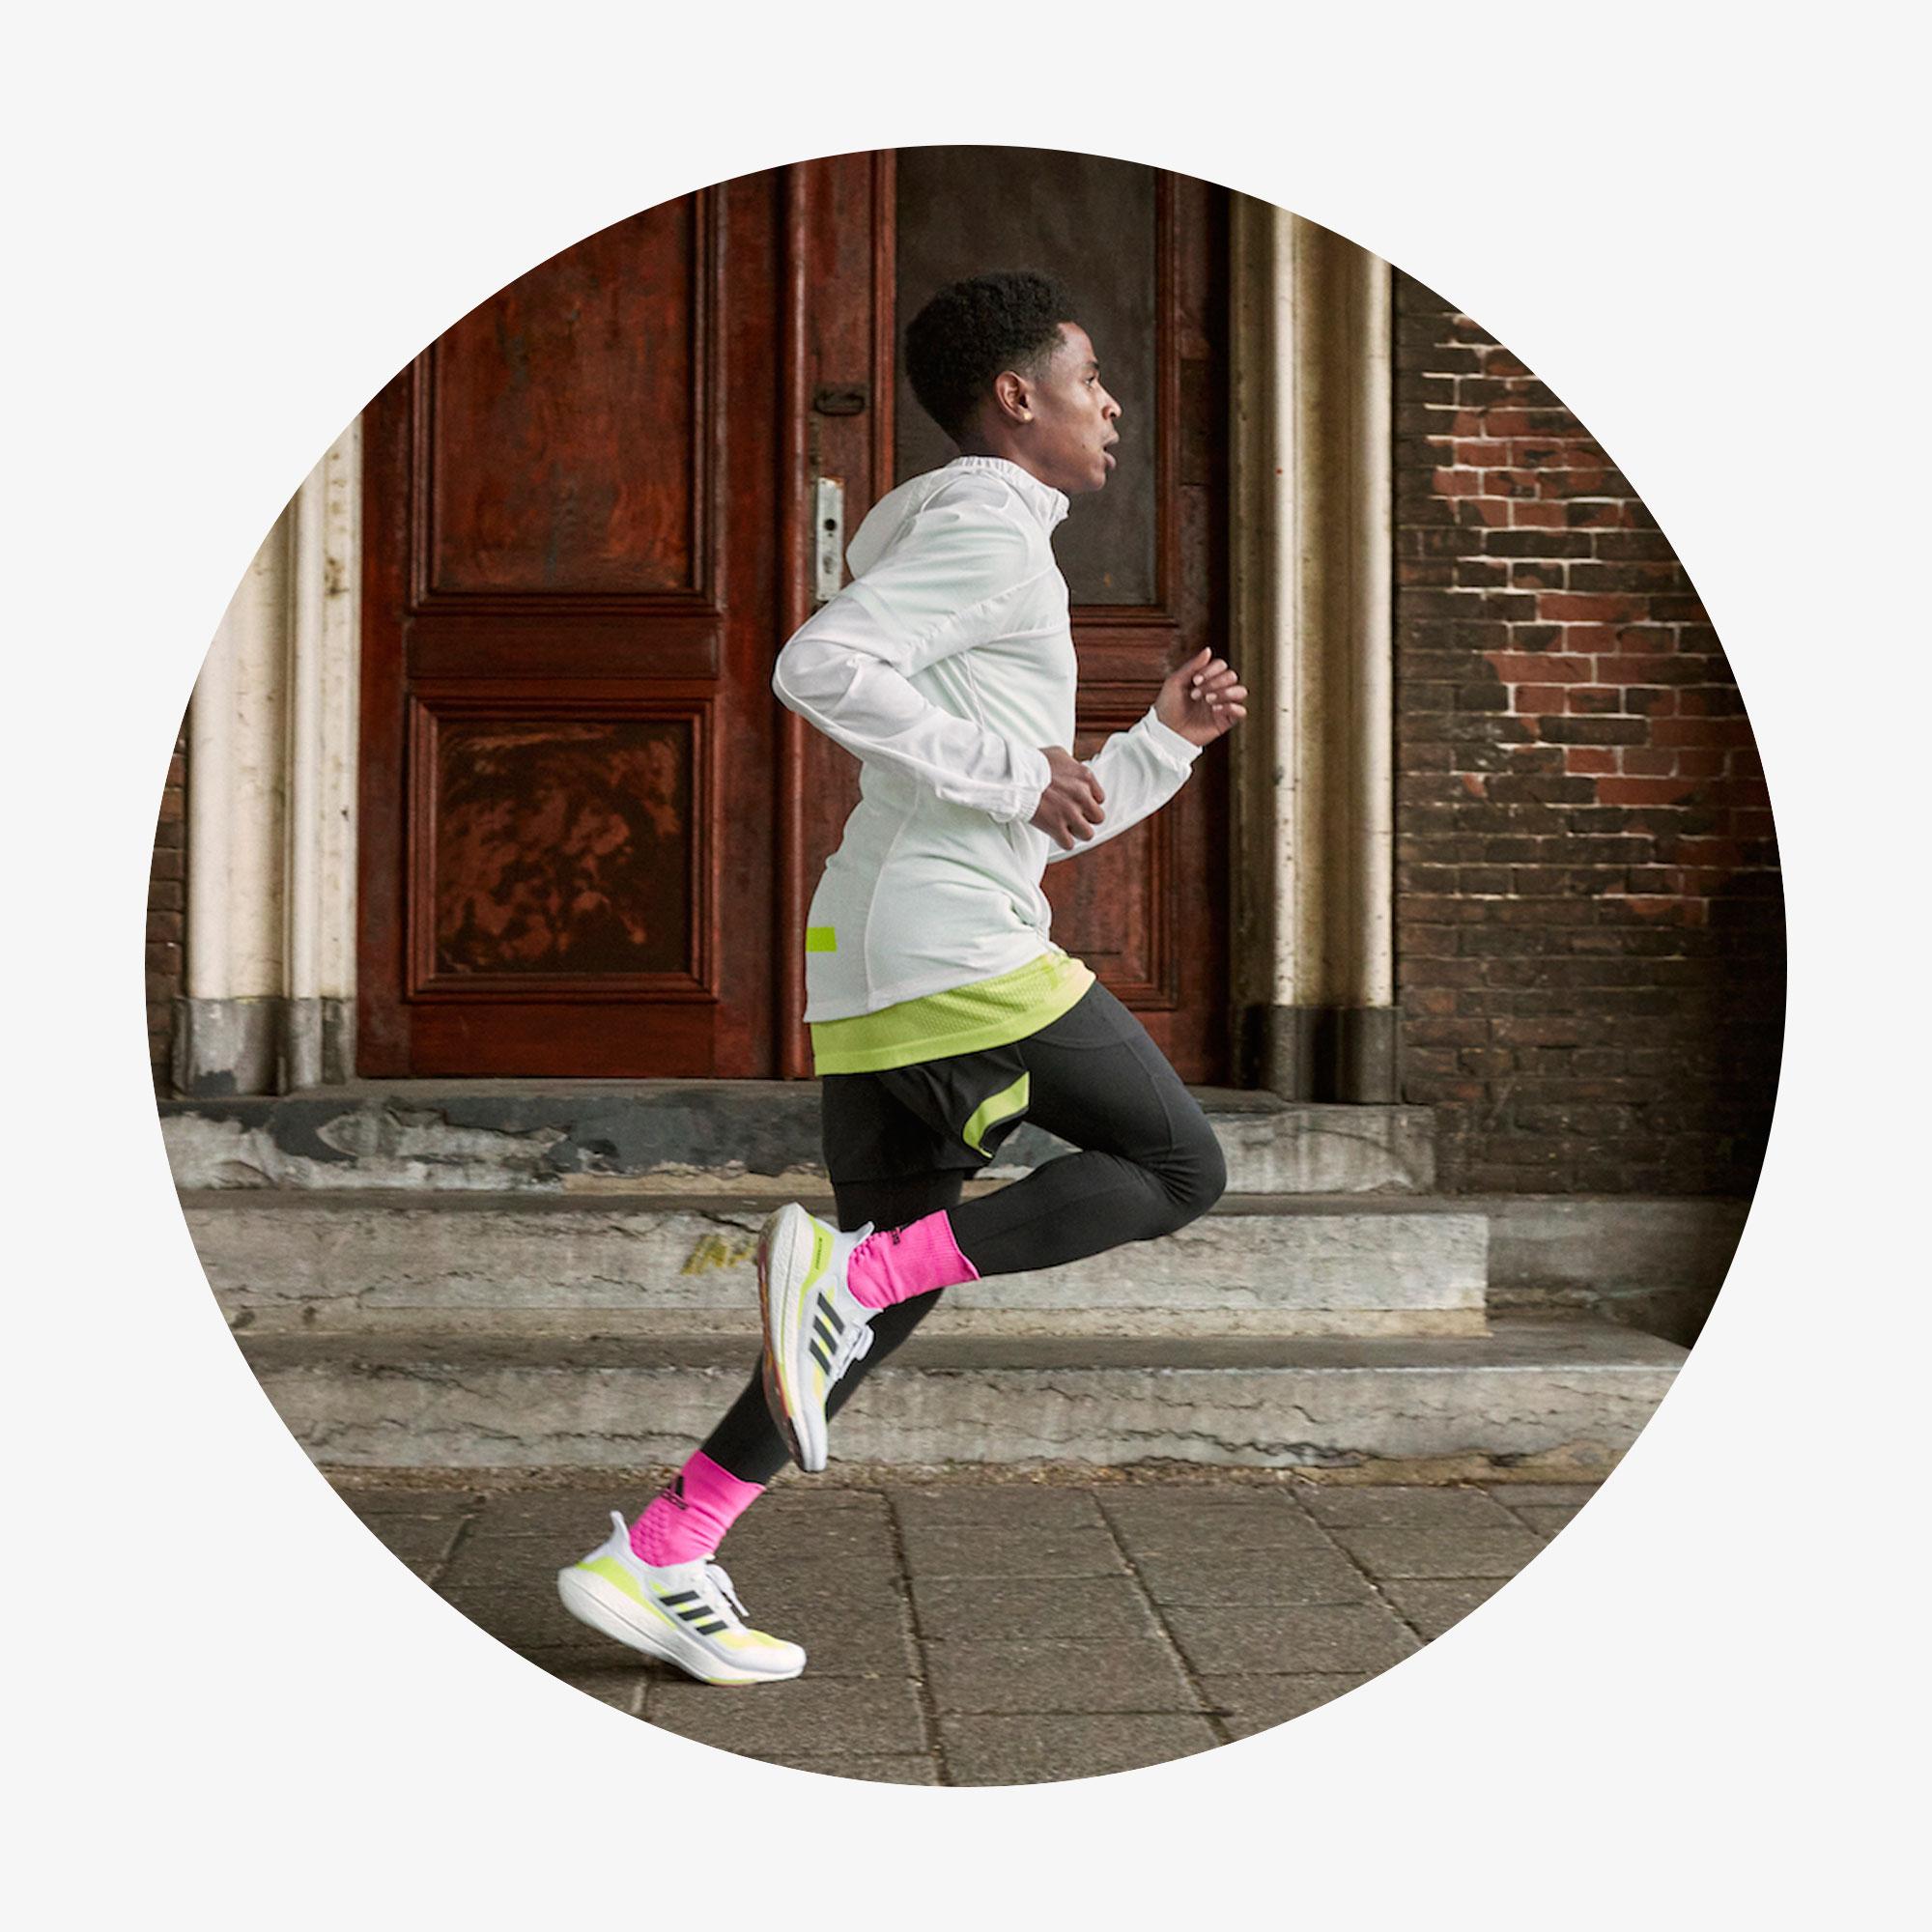 adidas Ultraboost 21 runner